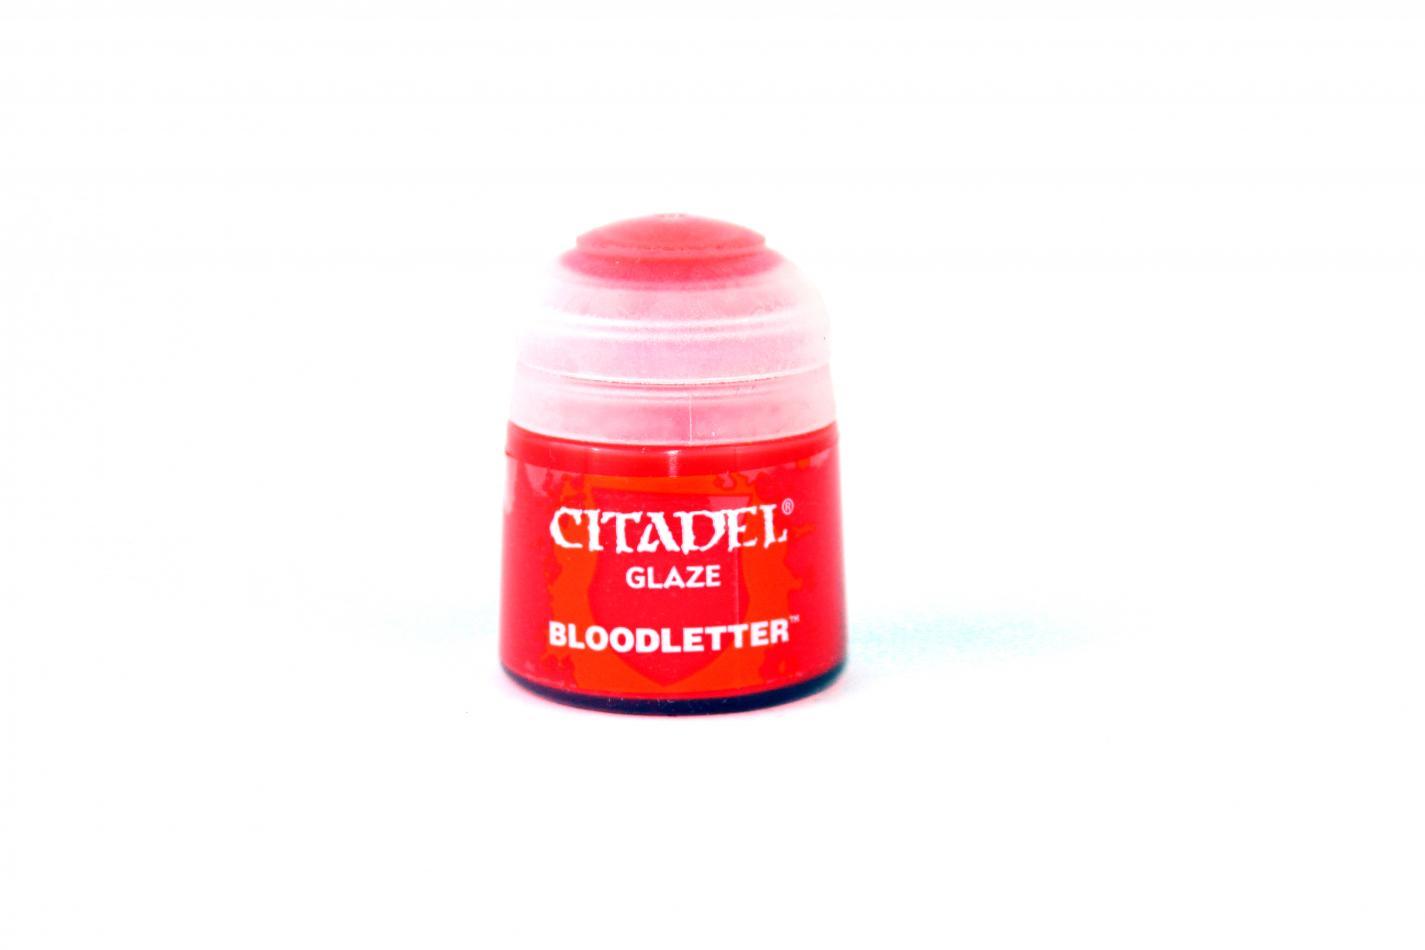 Citadel Glaze: Bloodletter